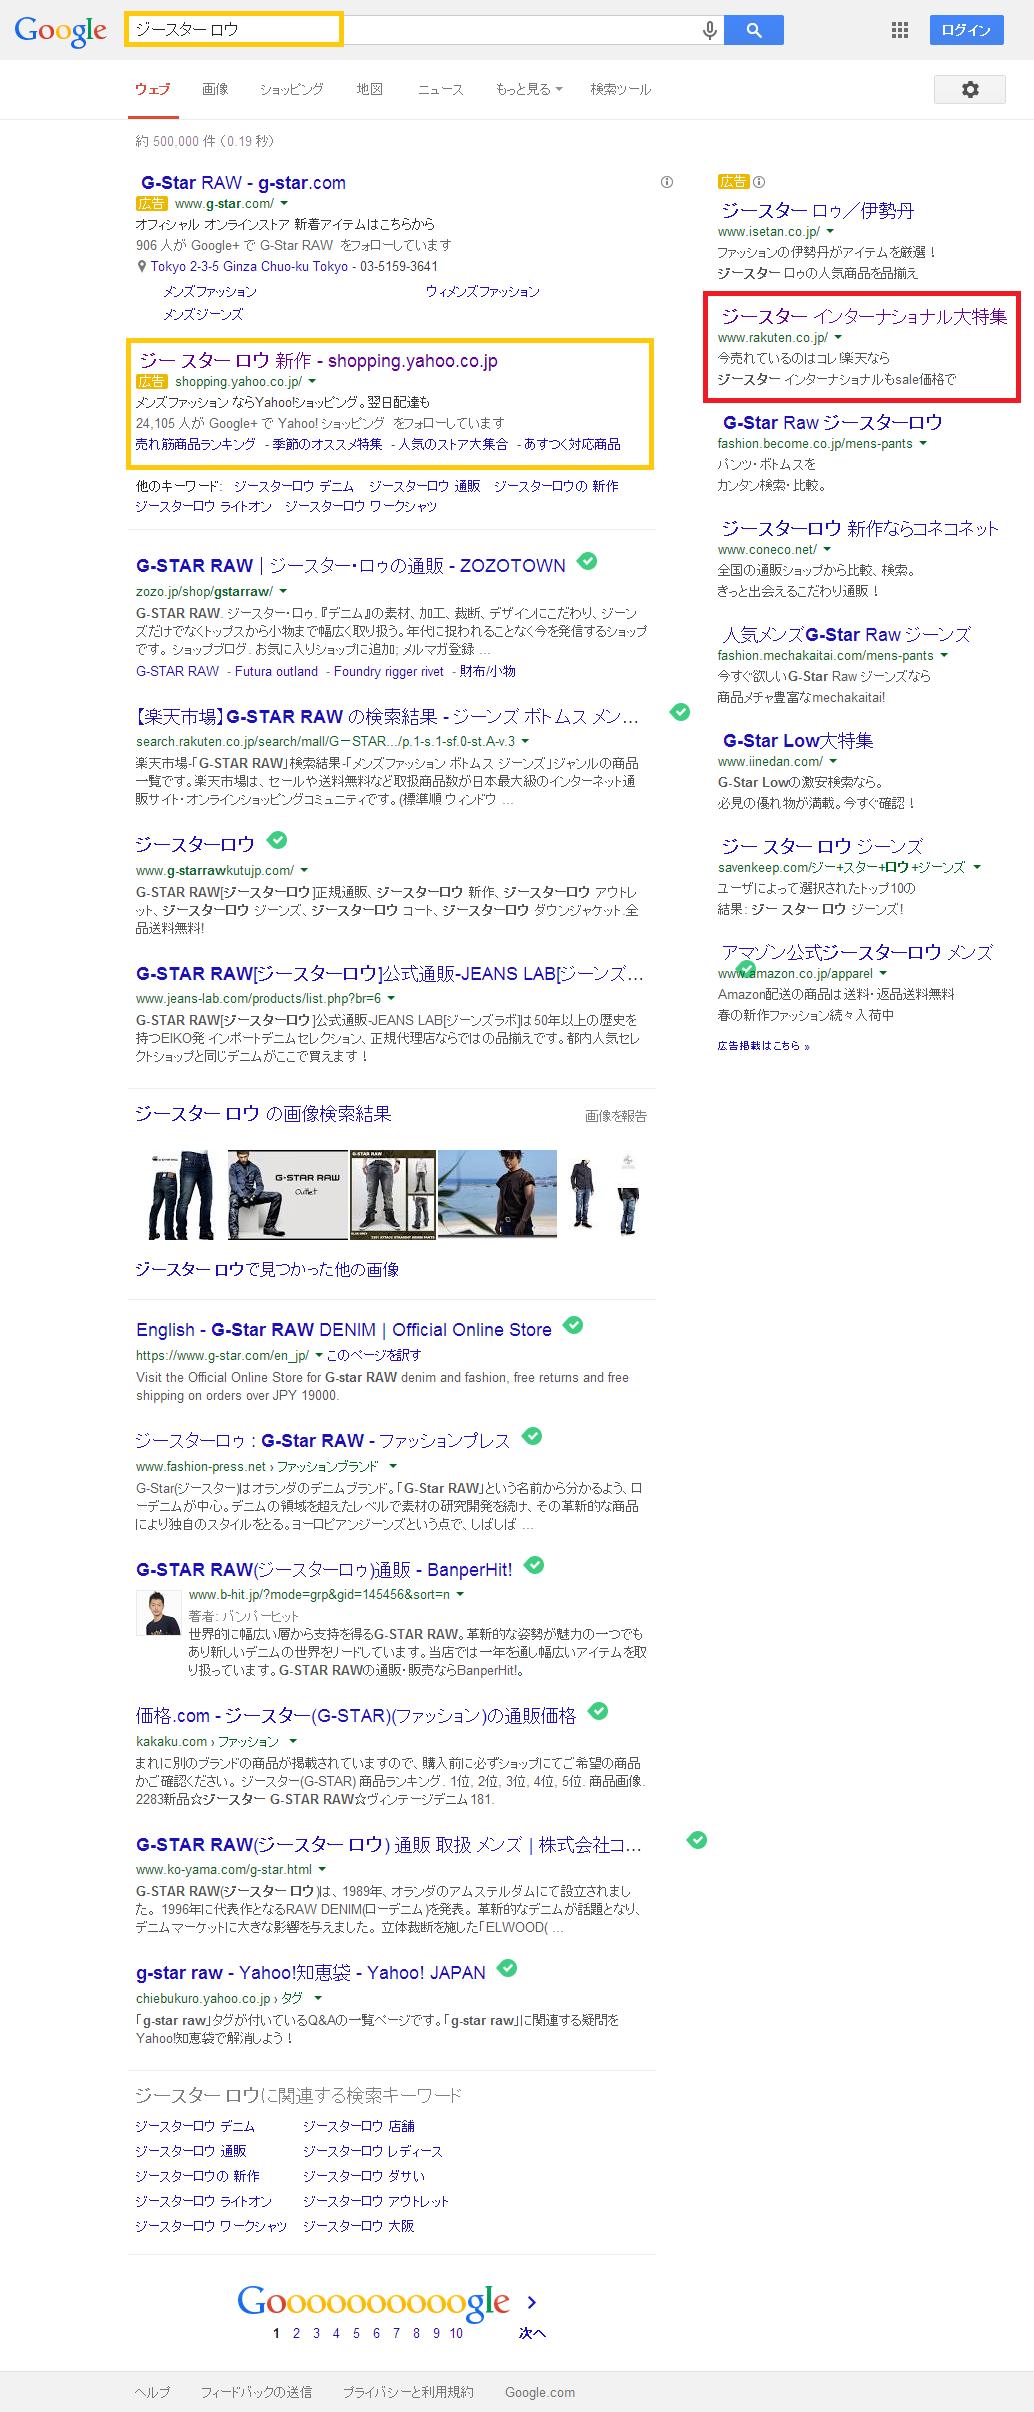 ジースター ロウ   Google 検索_3_28_1.png